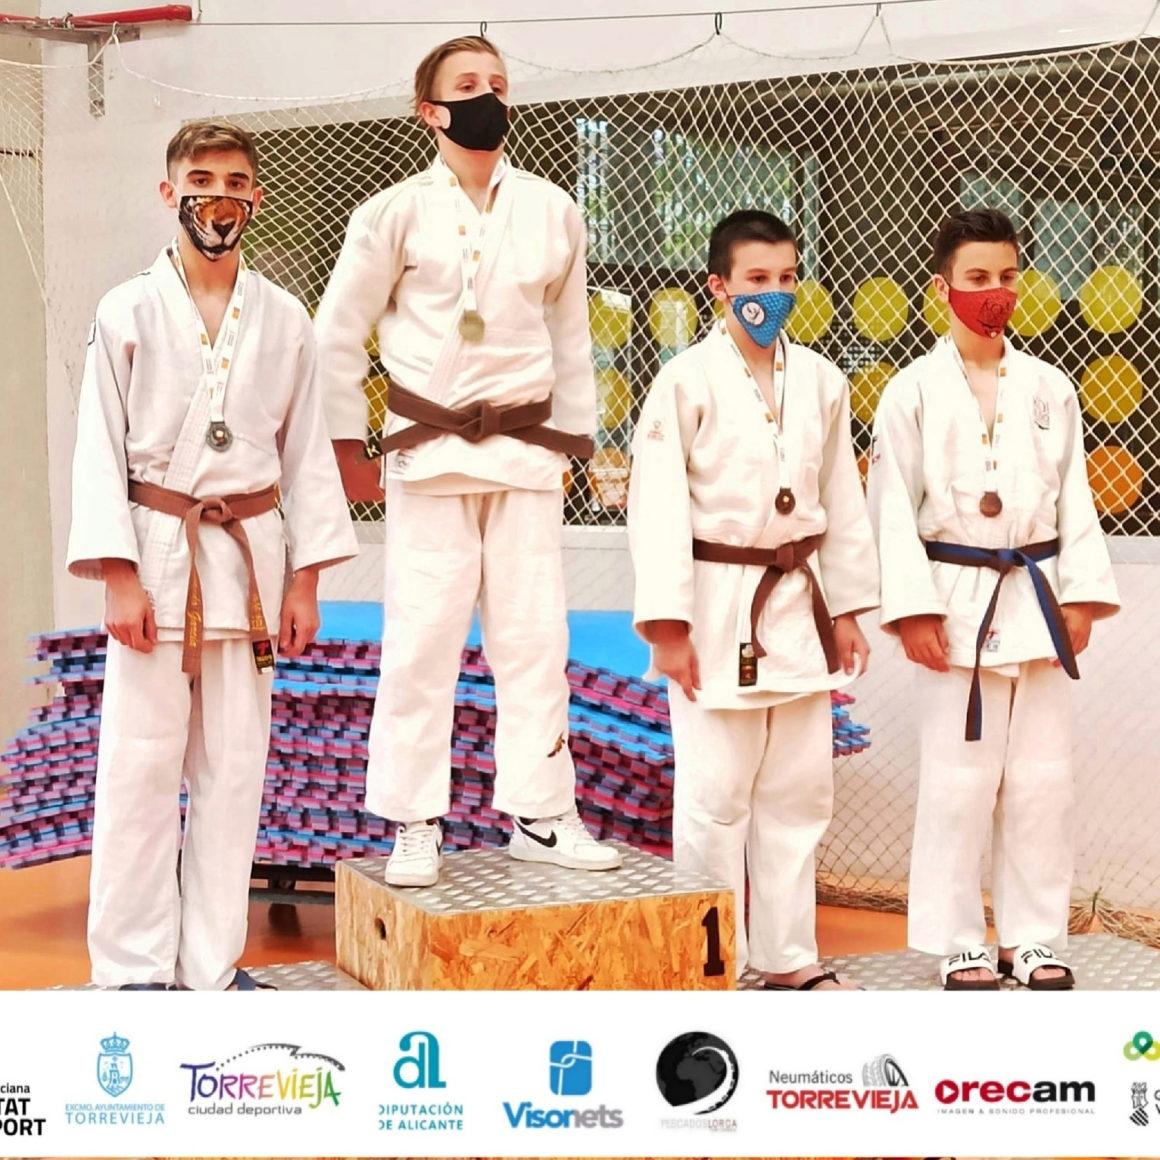 (Español) 🥈Fernando García, del Club de Judo Torrevieja, subcampeón de la Comunidad Valenciana.